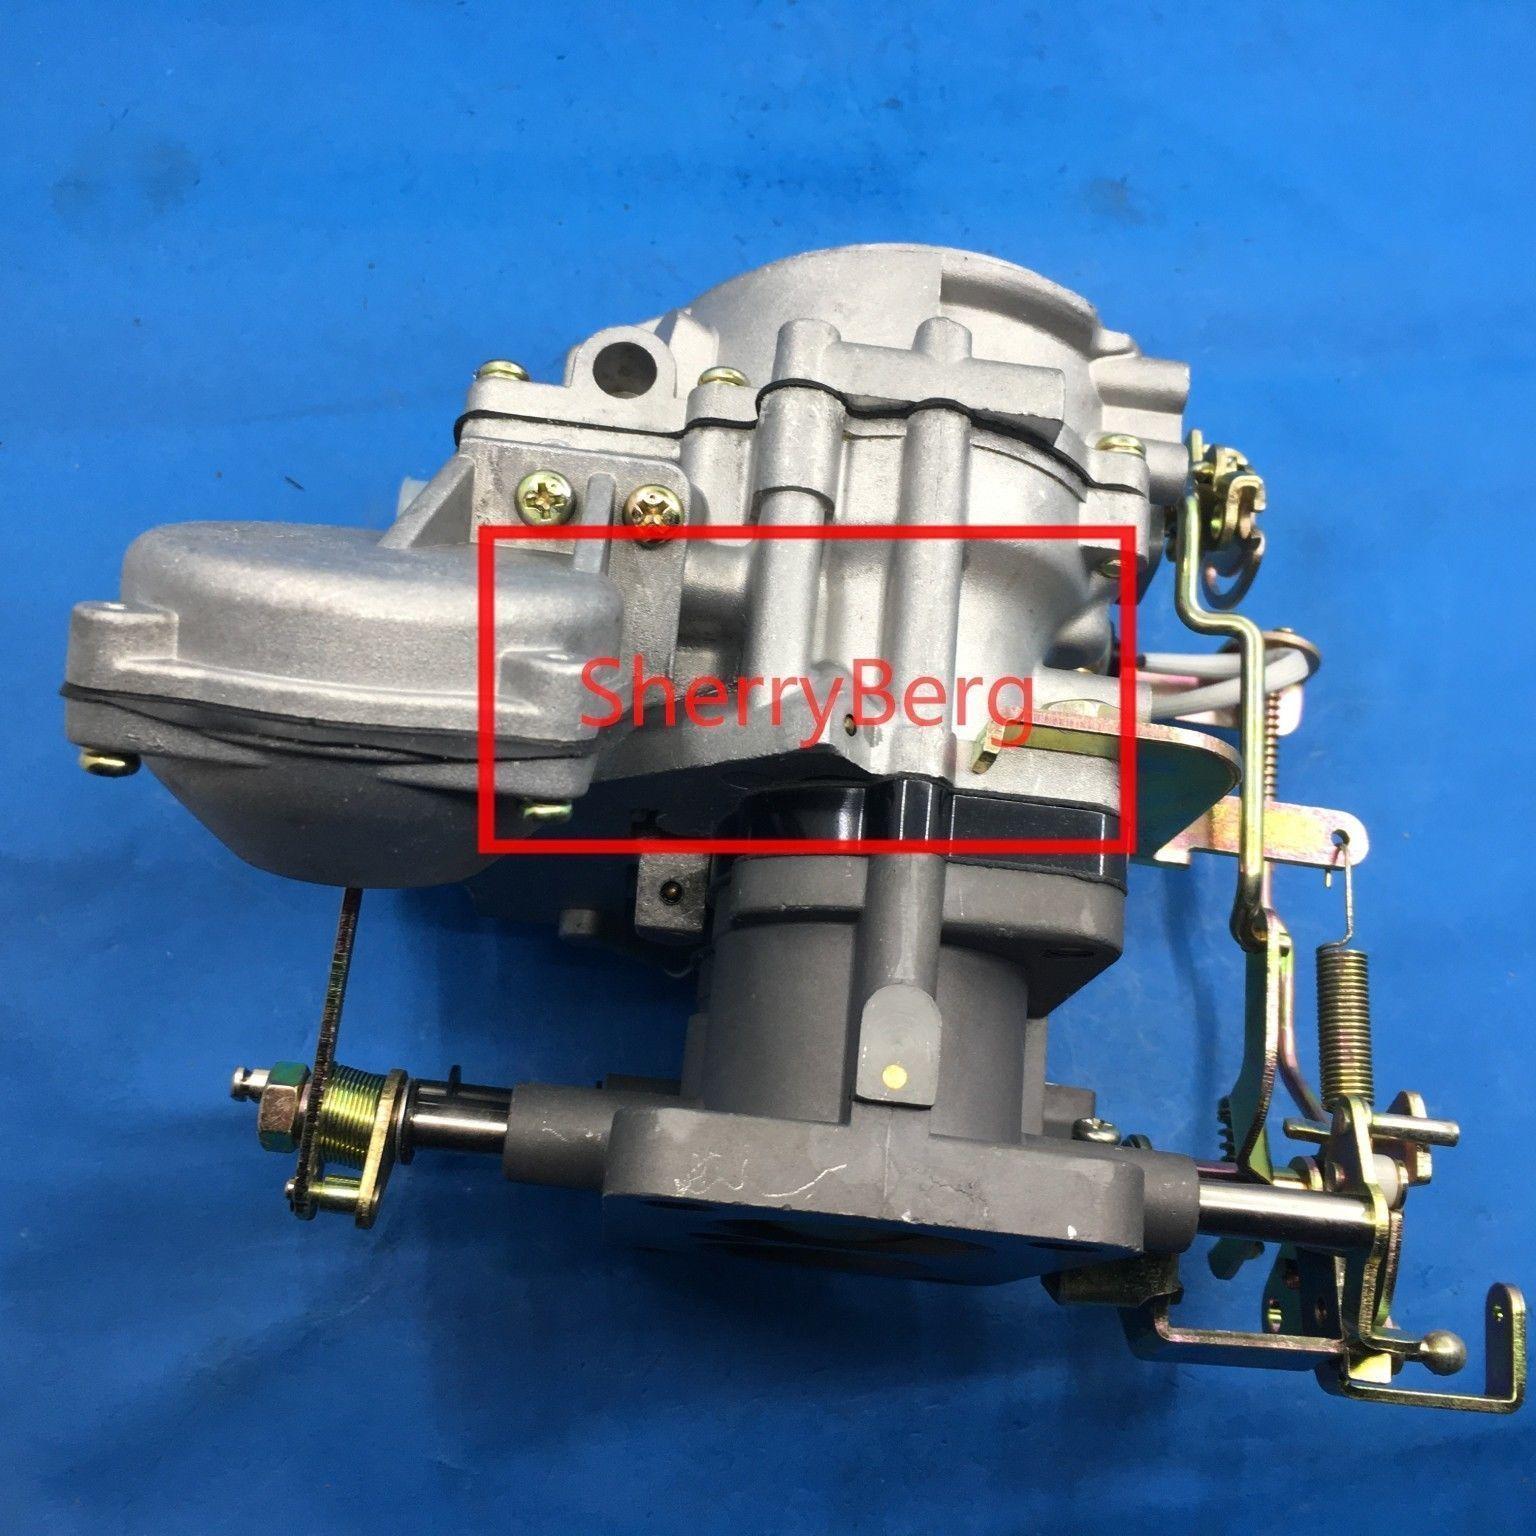 CARBURADOR CARB apto para toyota Landcruiser 21100-61012 2F motor 69-87  4230 FJ40